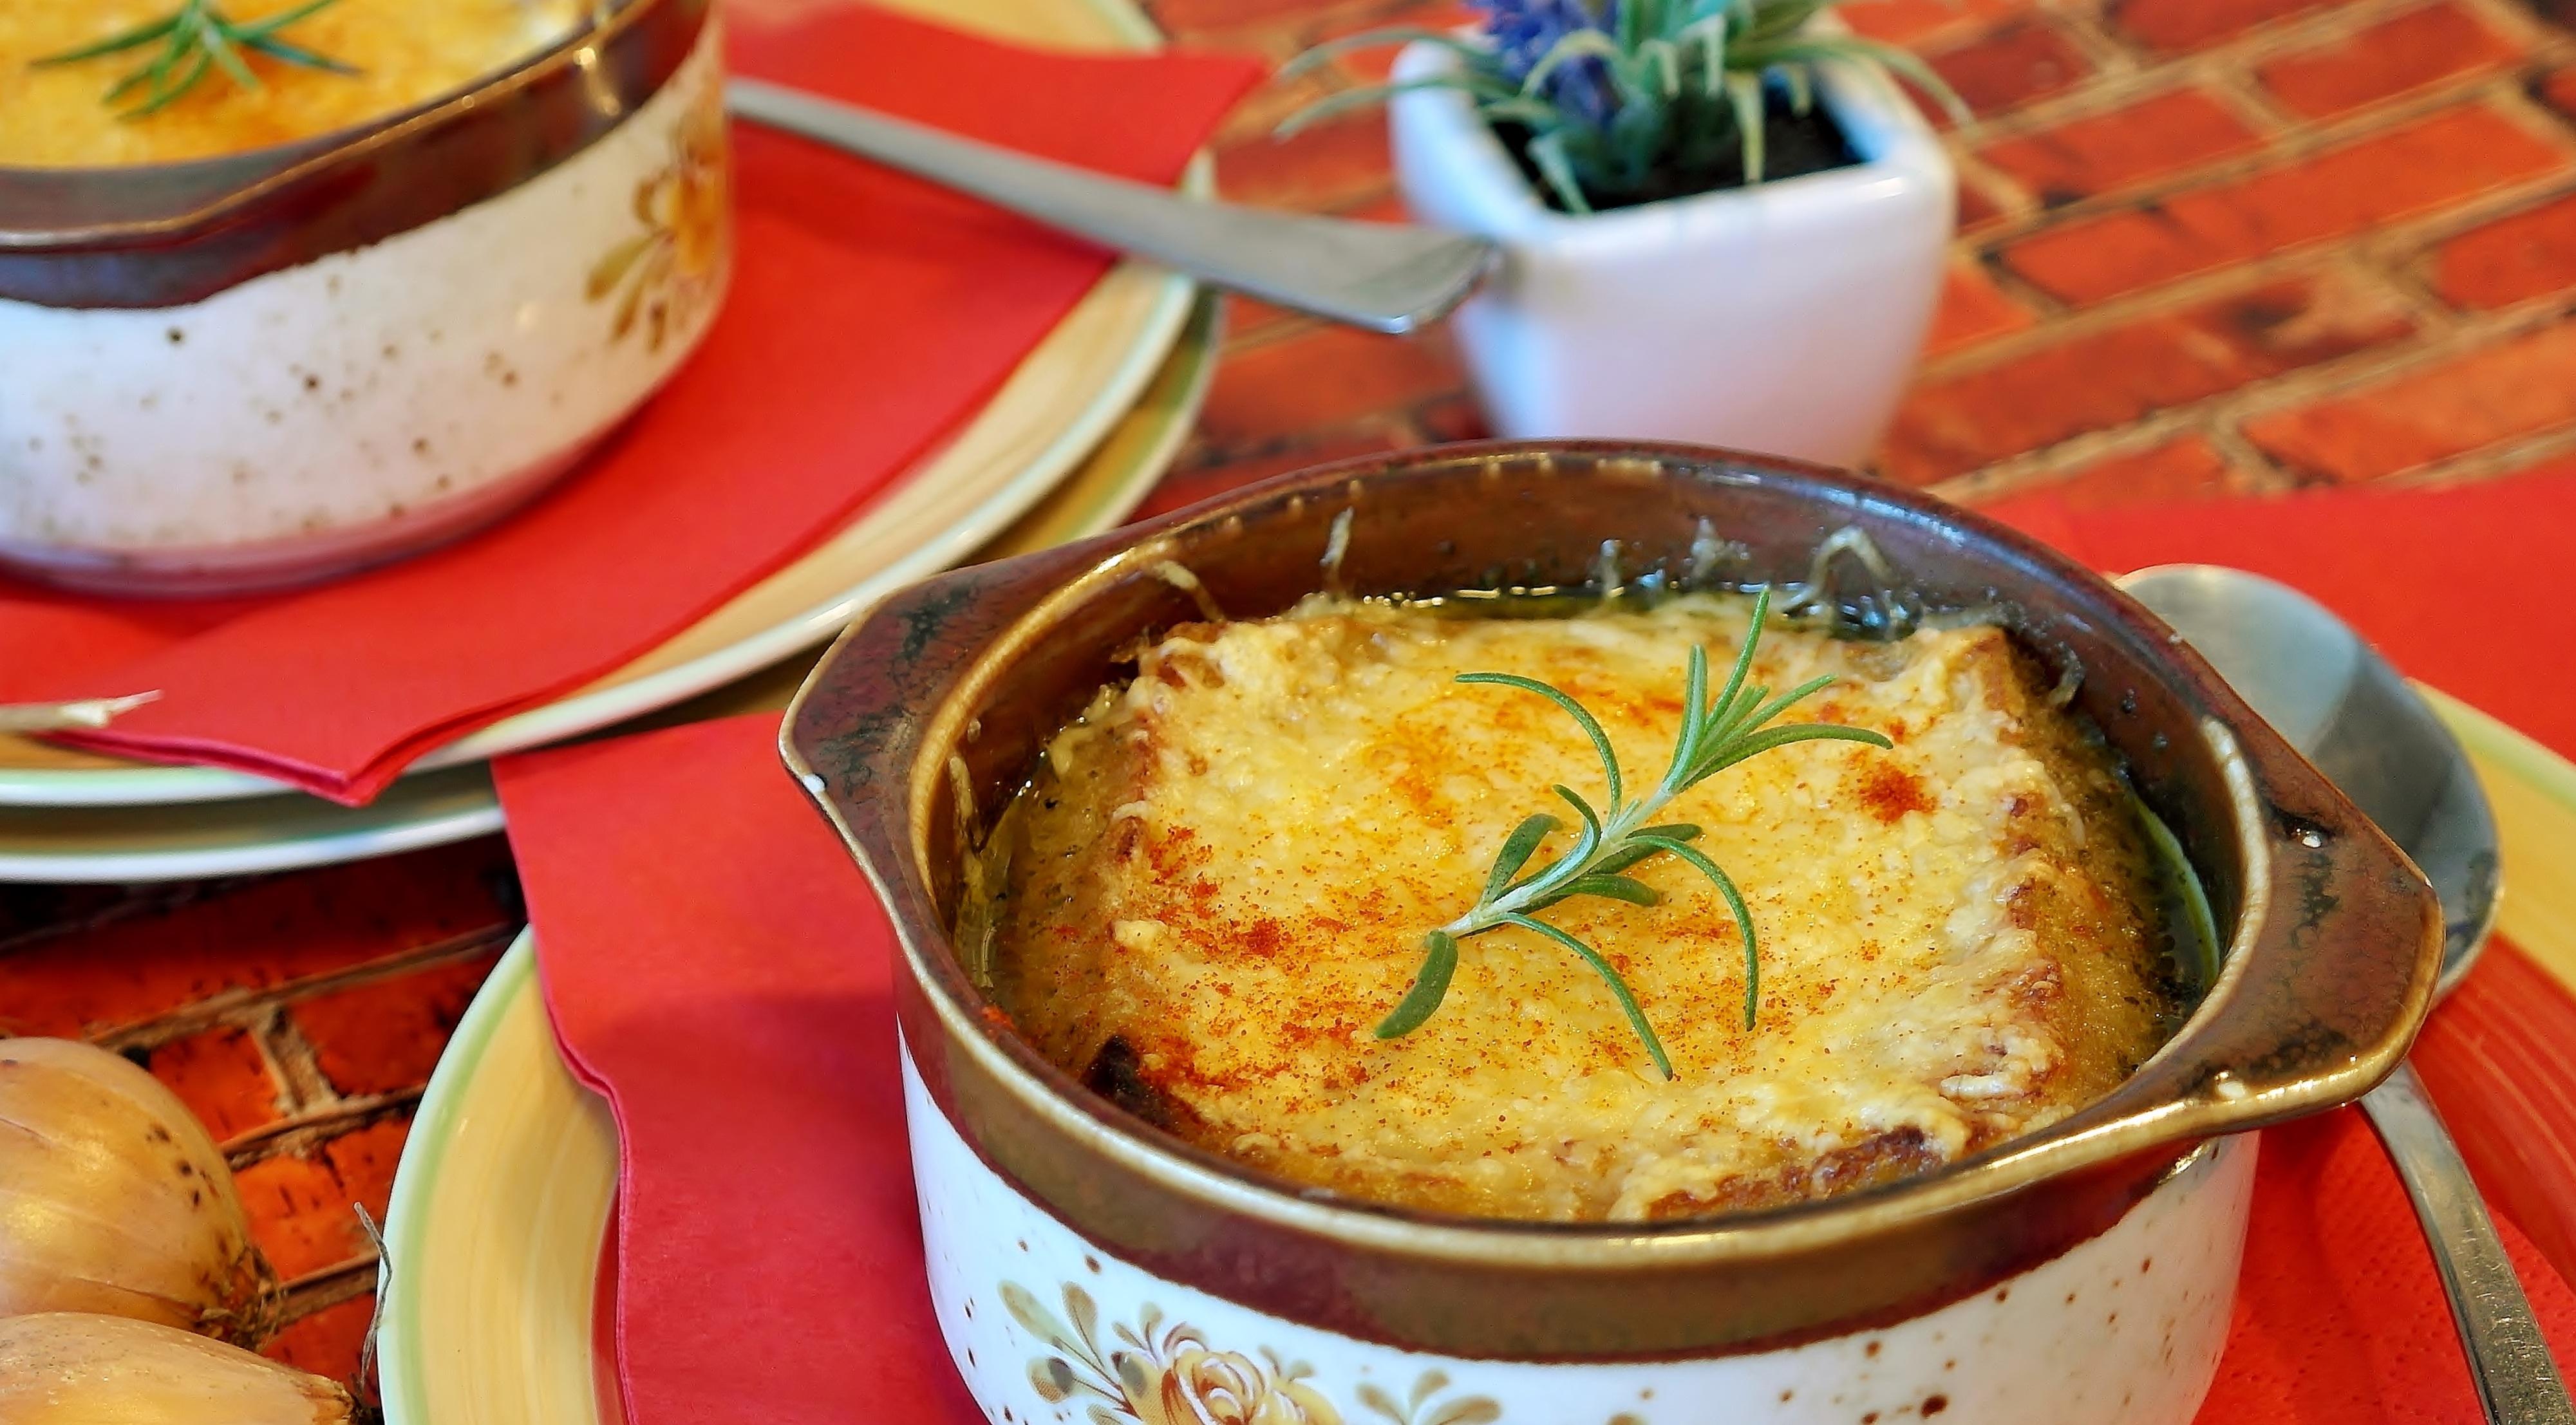 شوربة البصل على الطريقة الفرنسية الأصلية